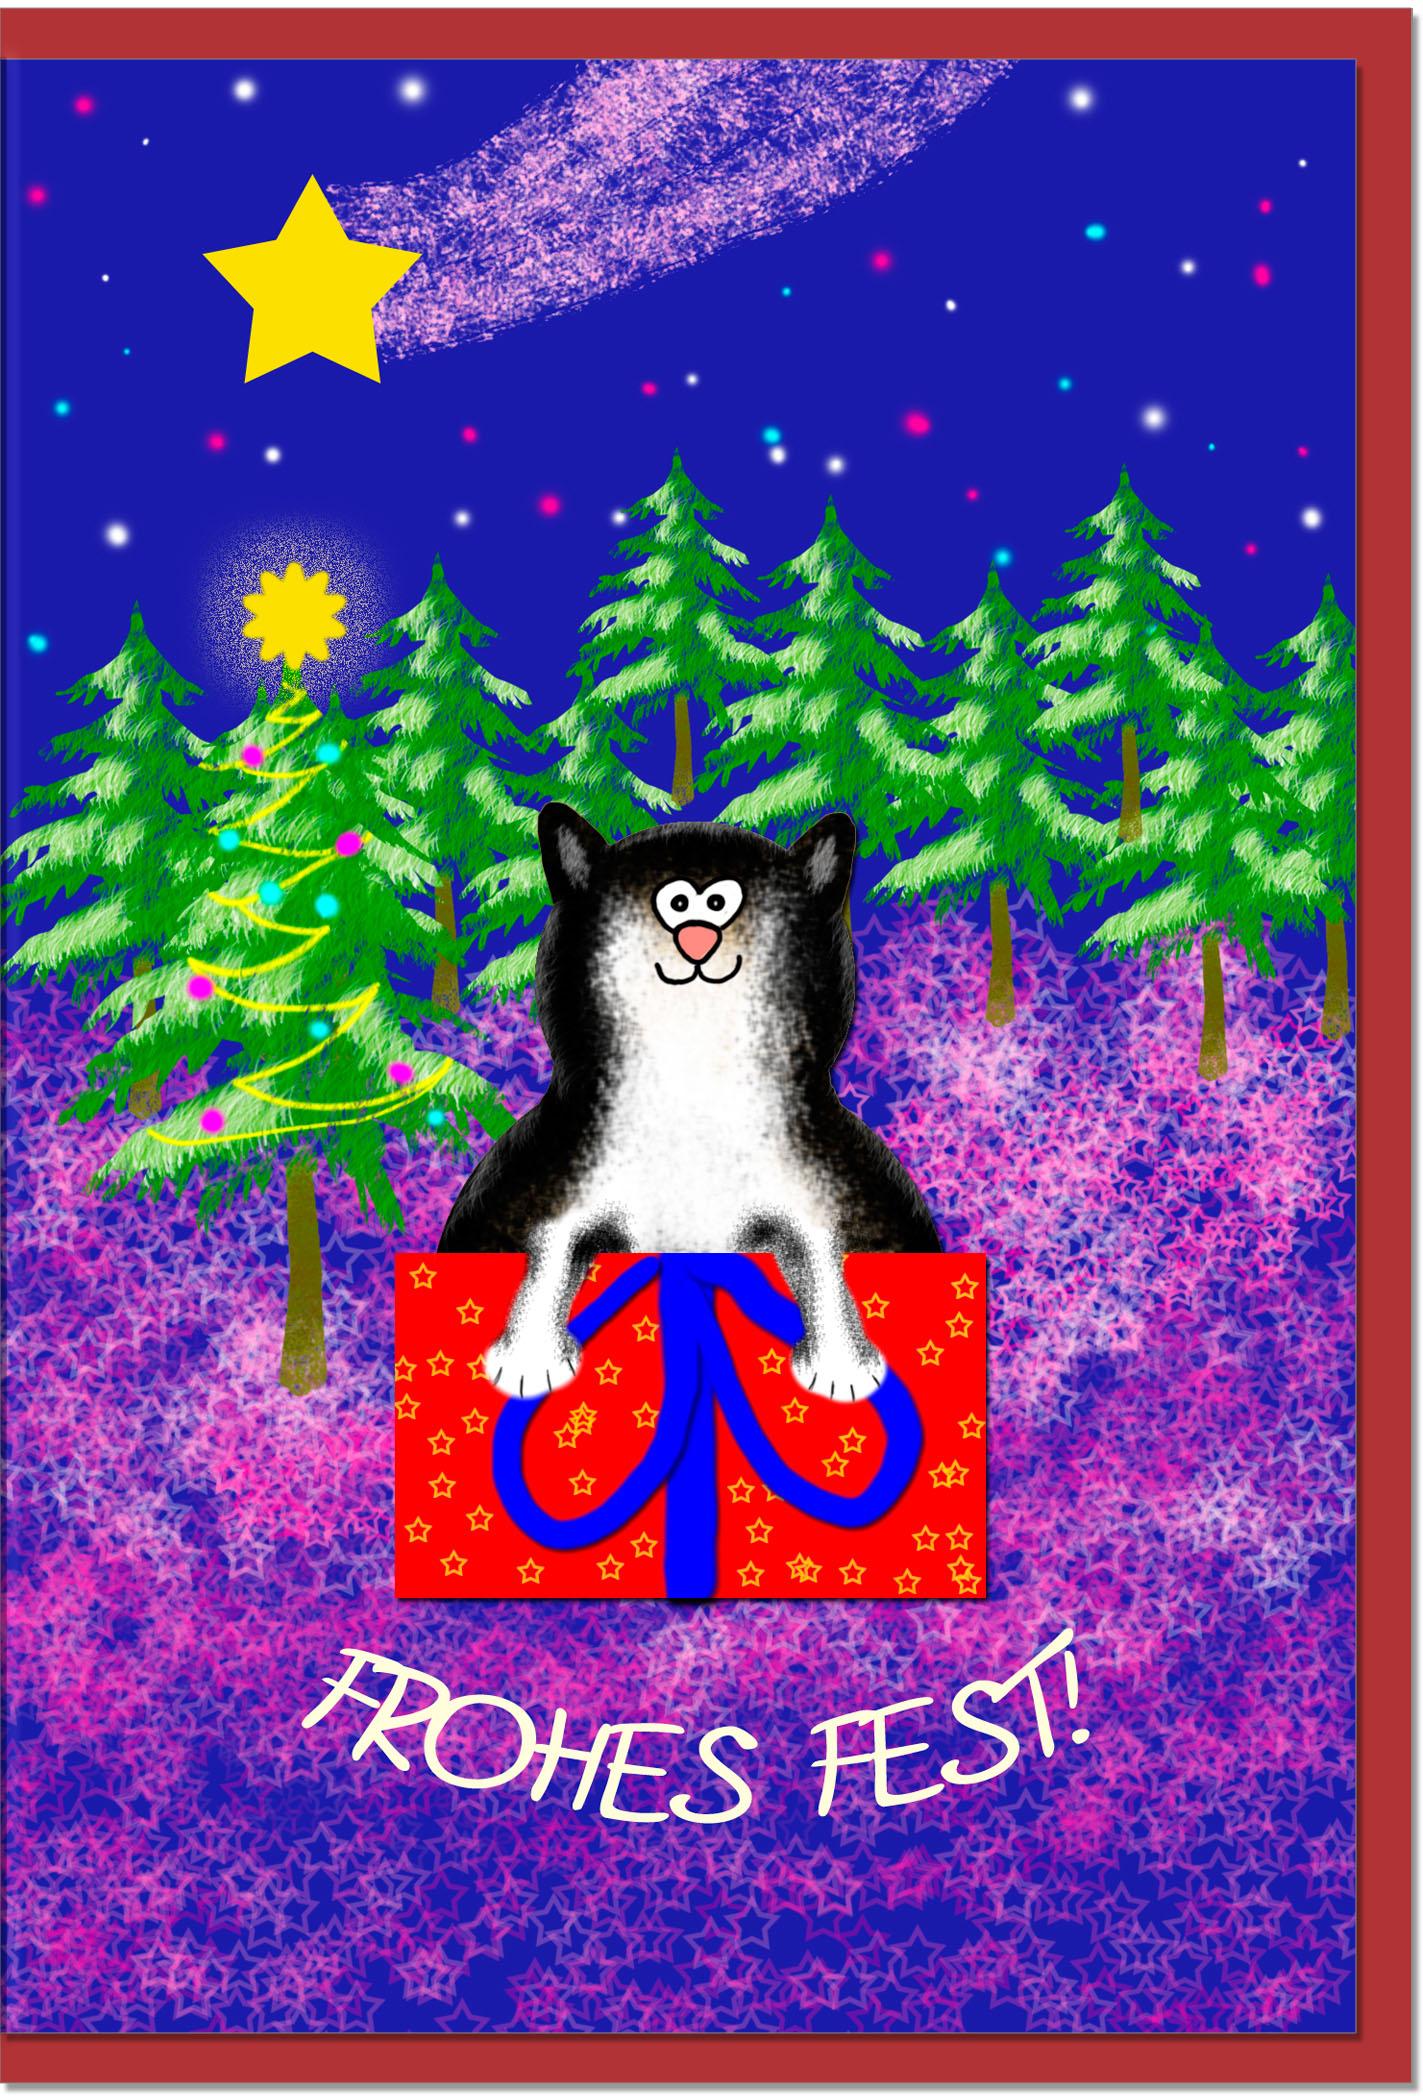 Weihnachtskarten / Grußkarten /Weihnachten Weihnachten